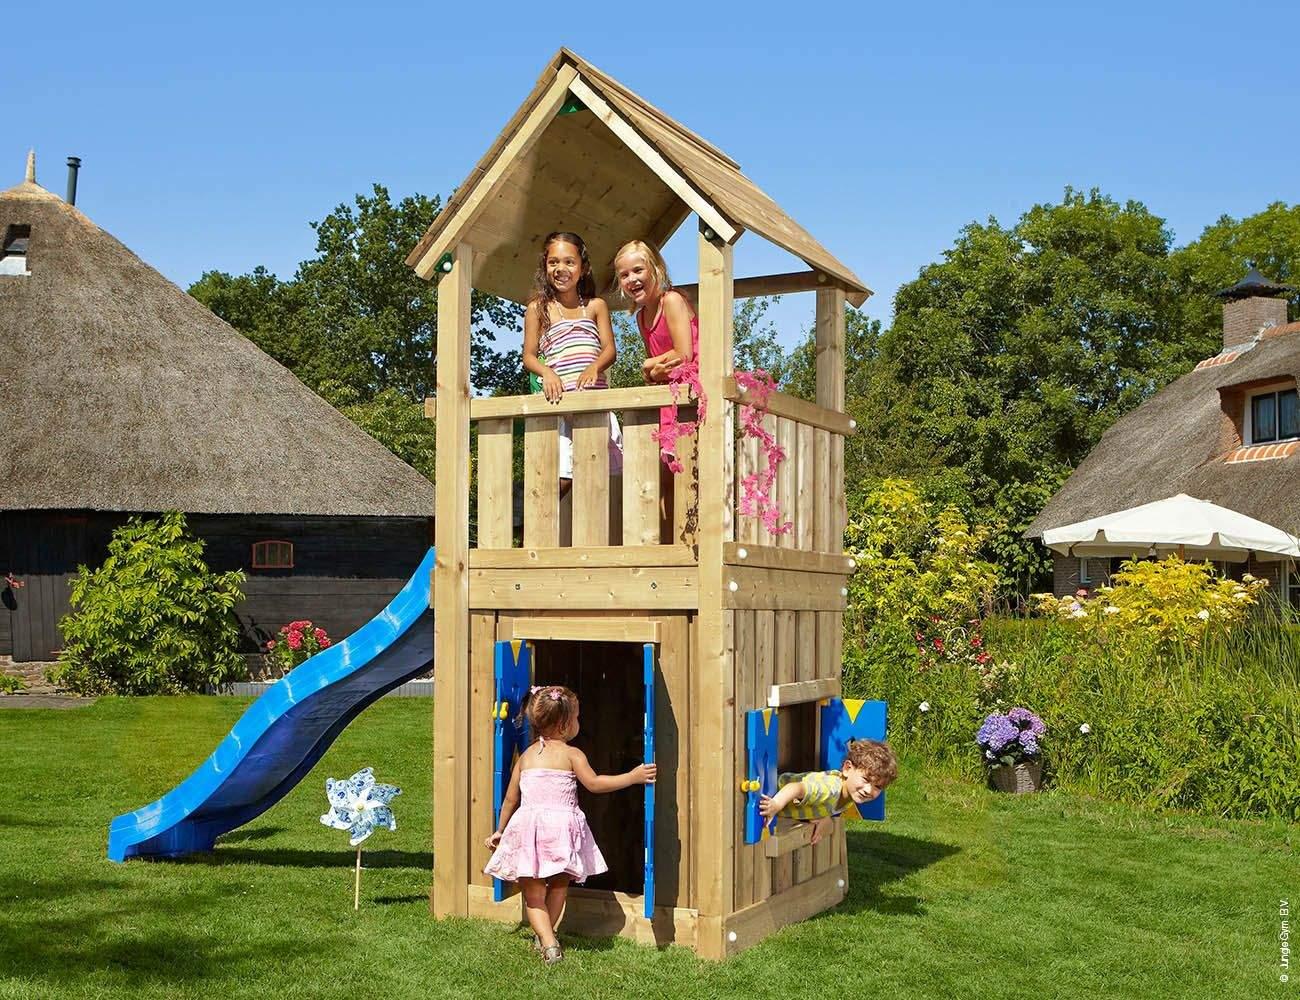 Spielgeräte Garten Genial Wieso ist Ein Klettergerüst Wichtig Für Kinderentwicklung